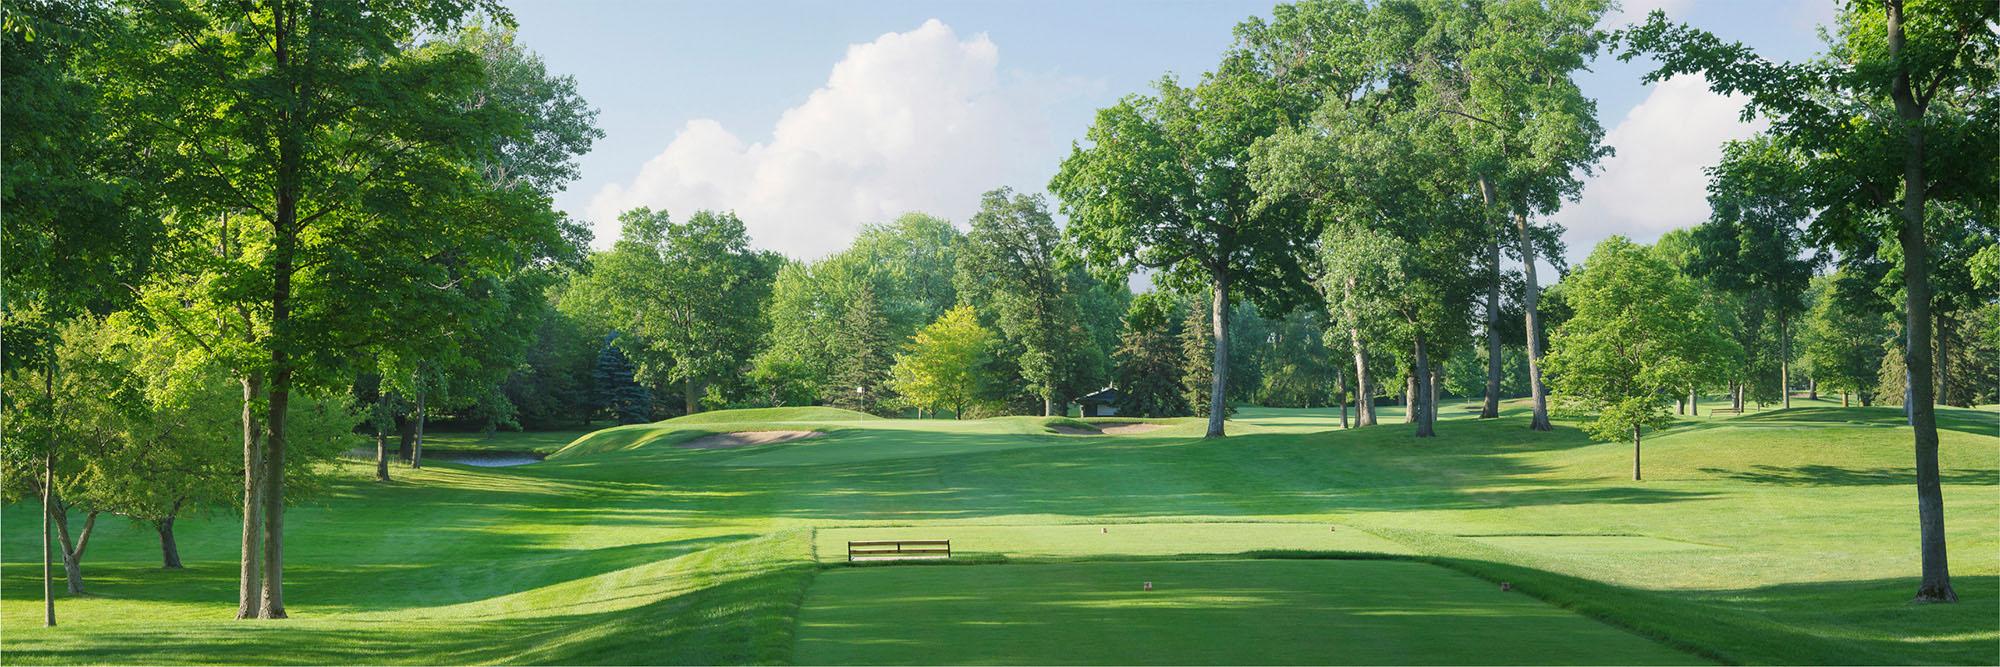 Golf Course Image - Hazeltine No. 13